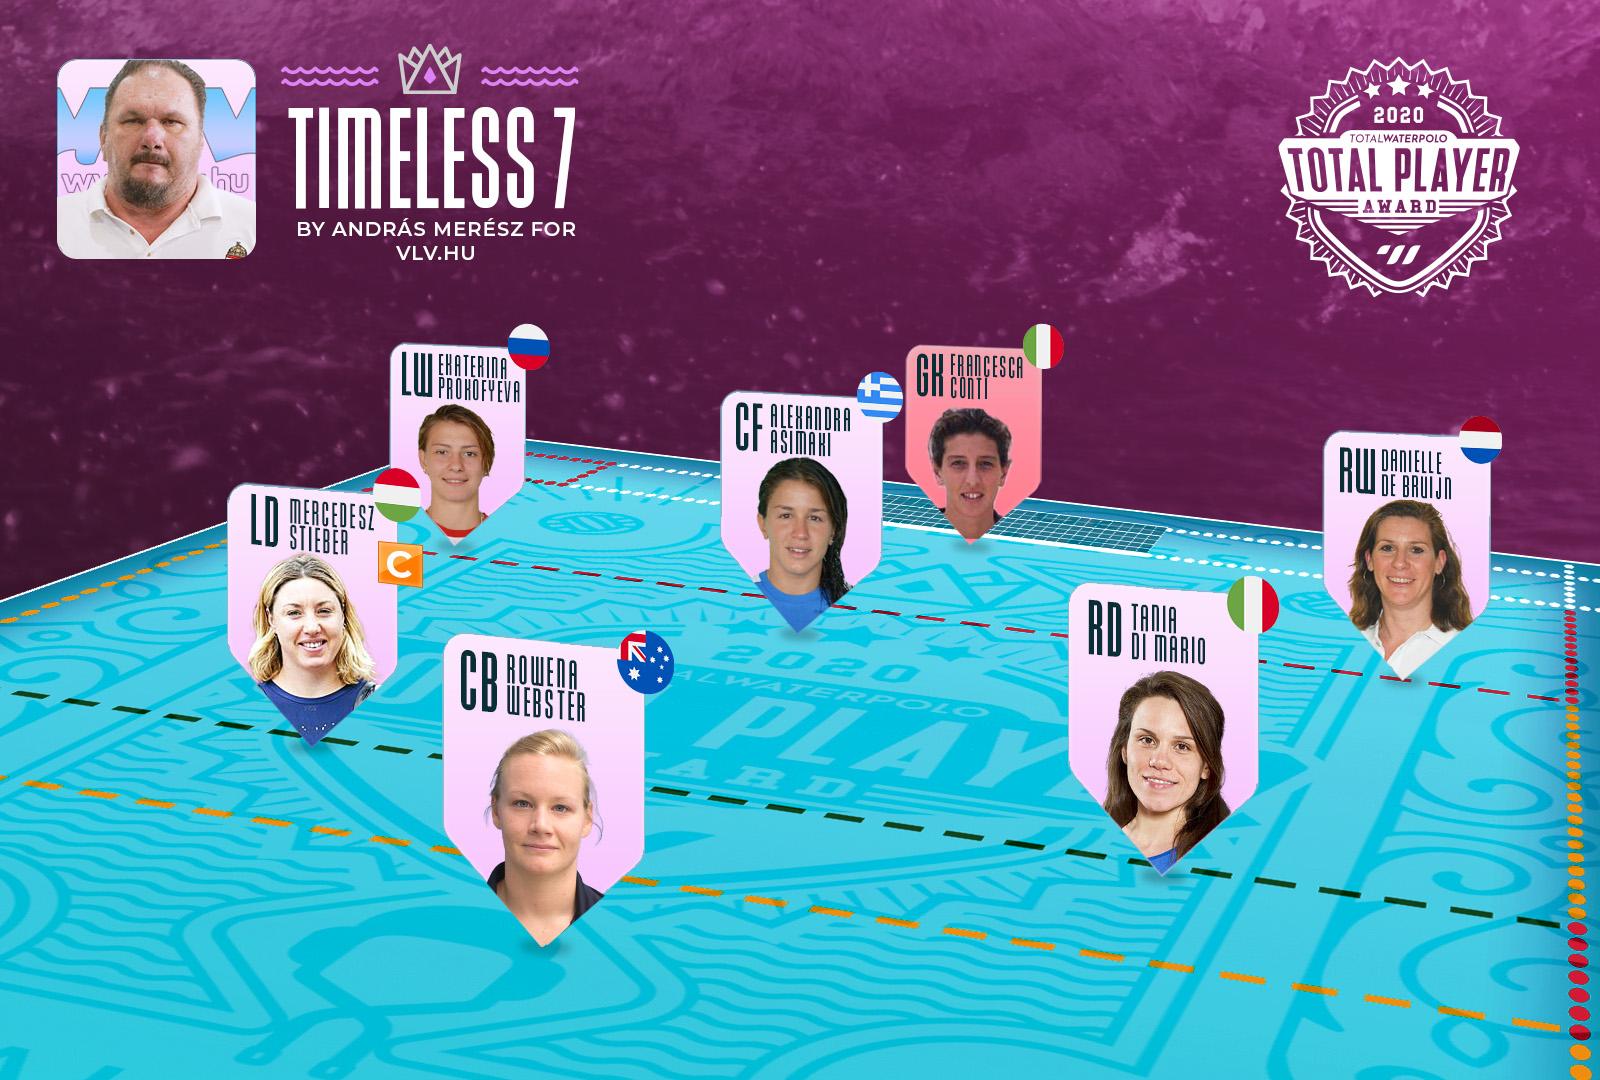 Timeless-Seven-Mockup-VLVhu-female